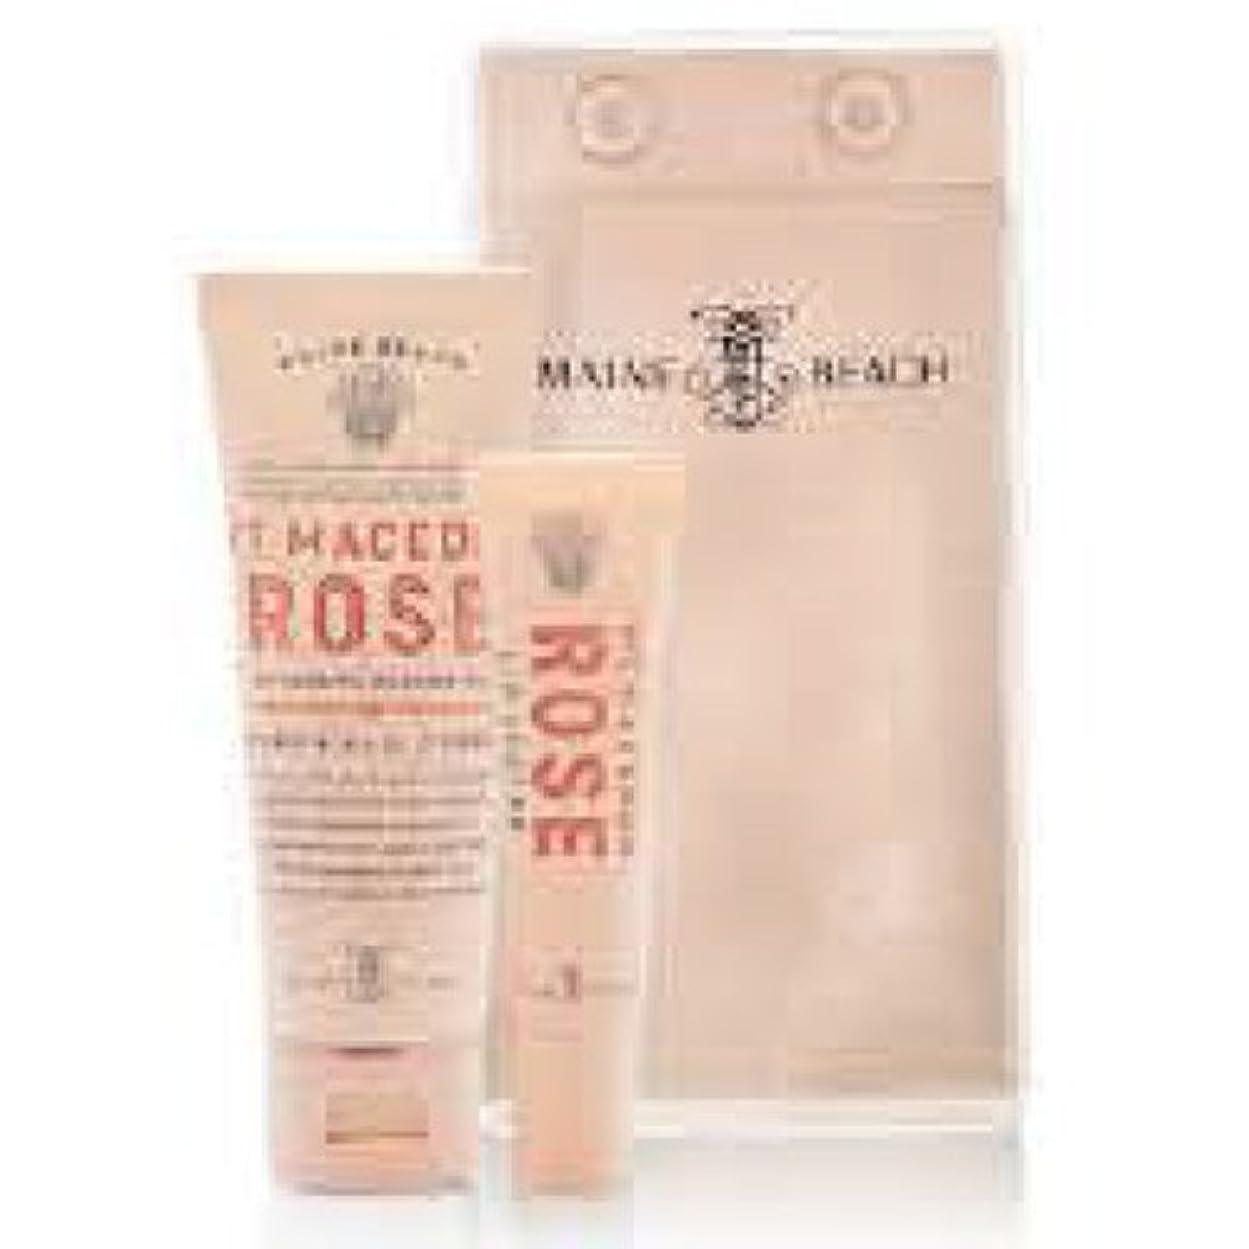 傀儡荒涼とした学者MAINE BEACH マインビーチ MT MACEDON ROSE マウント マセドン ローズ Essentials DUO Pack